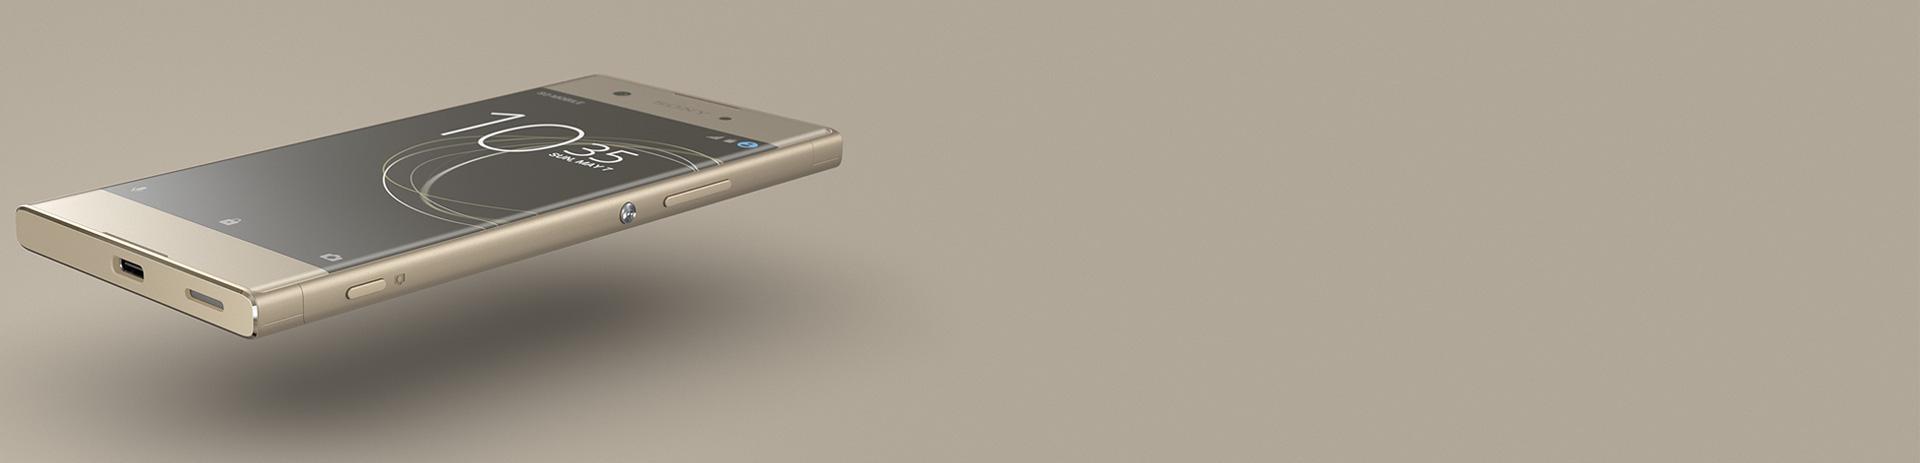 Sony Xperia XA1 - Next Handy des Monats Juli